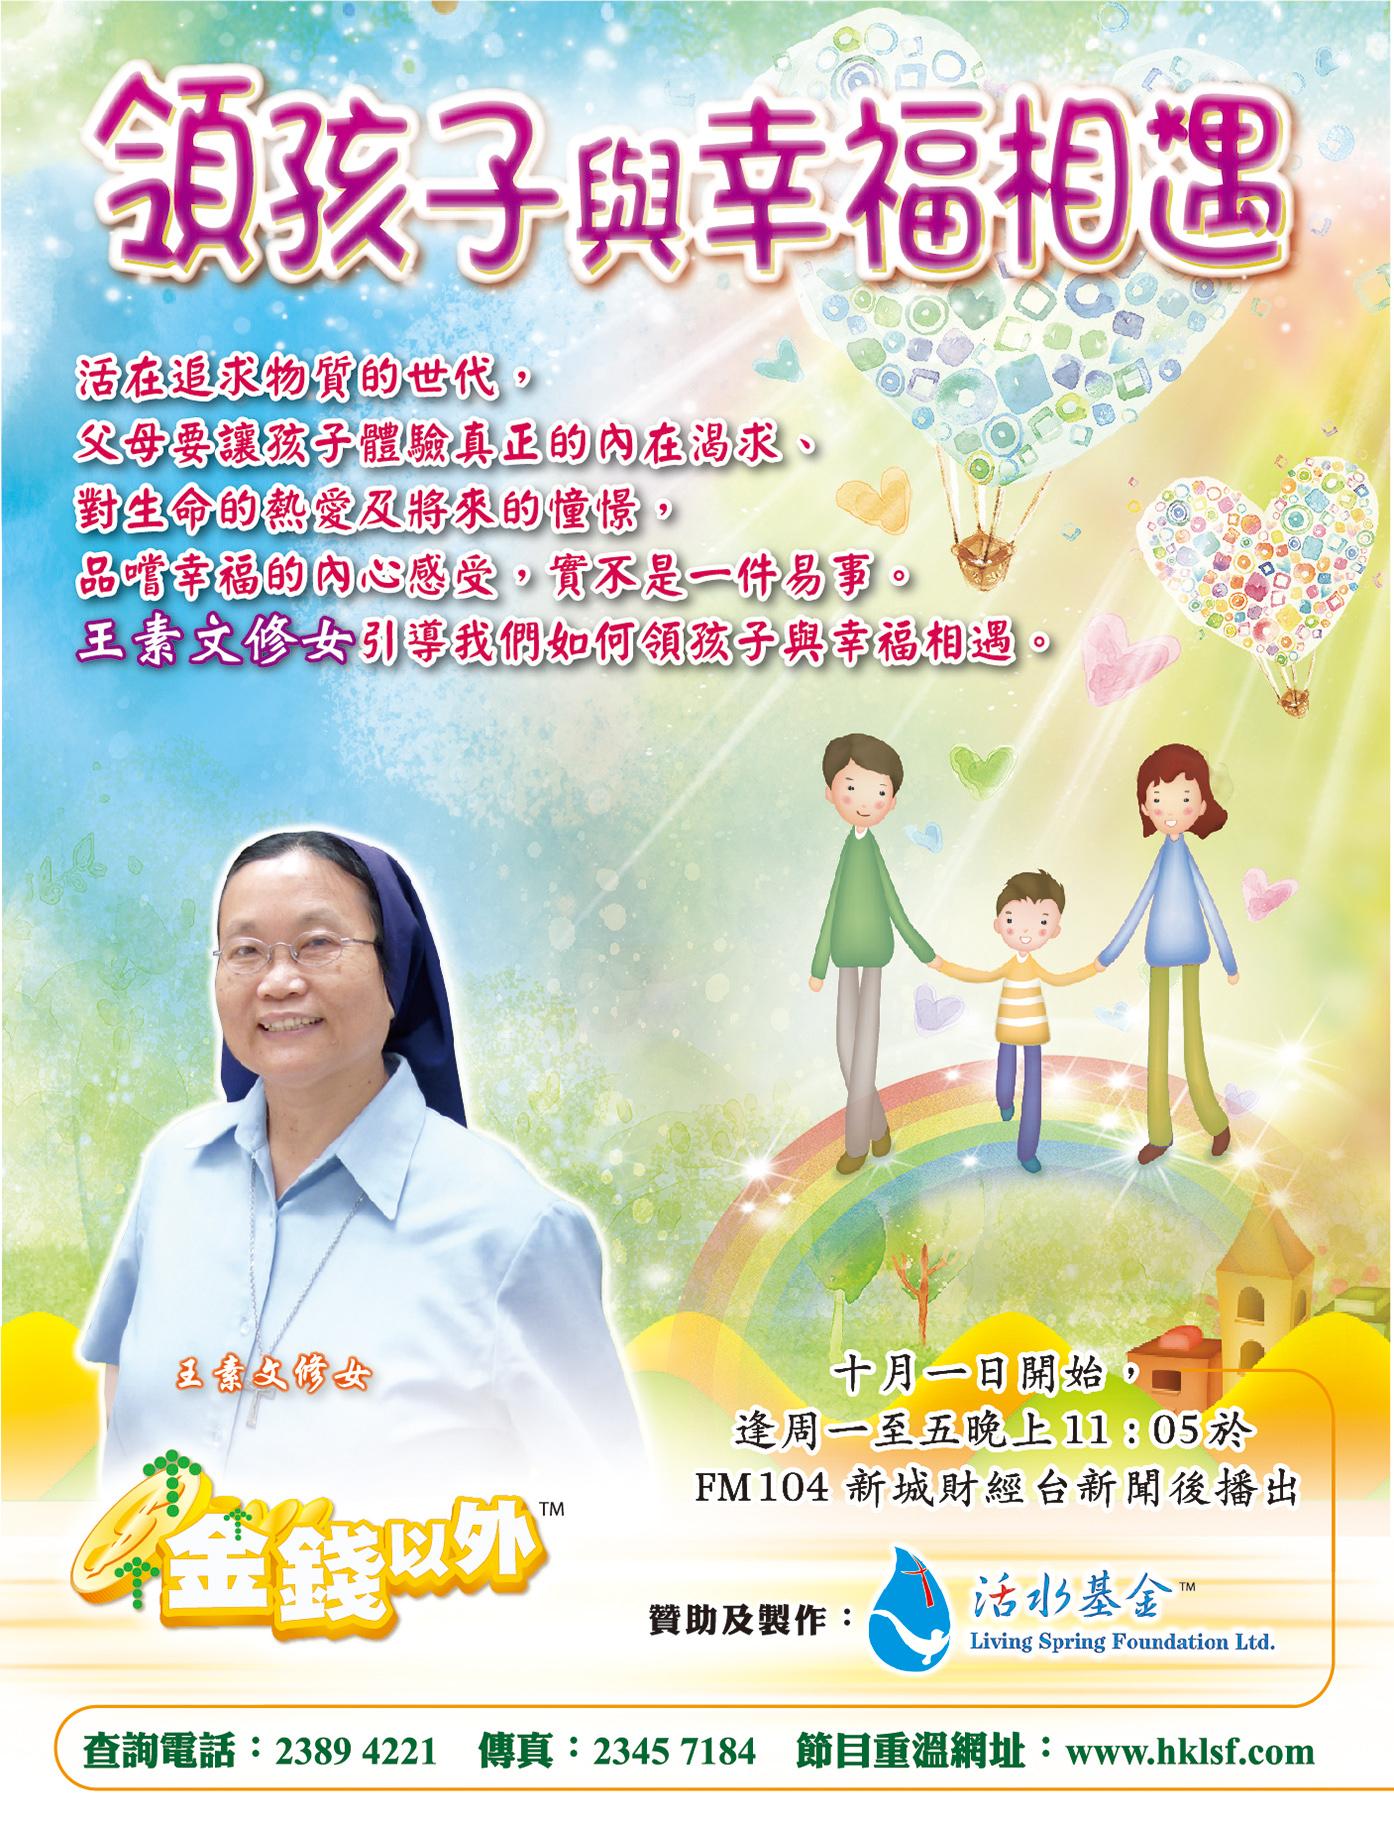 「金錢以外」《領孩子與幸福相遇》 講者:王素文修女